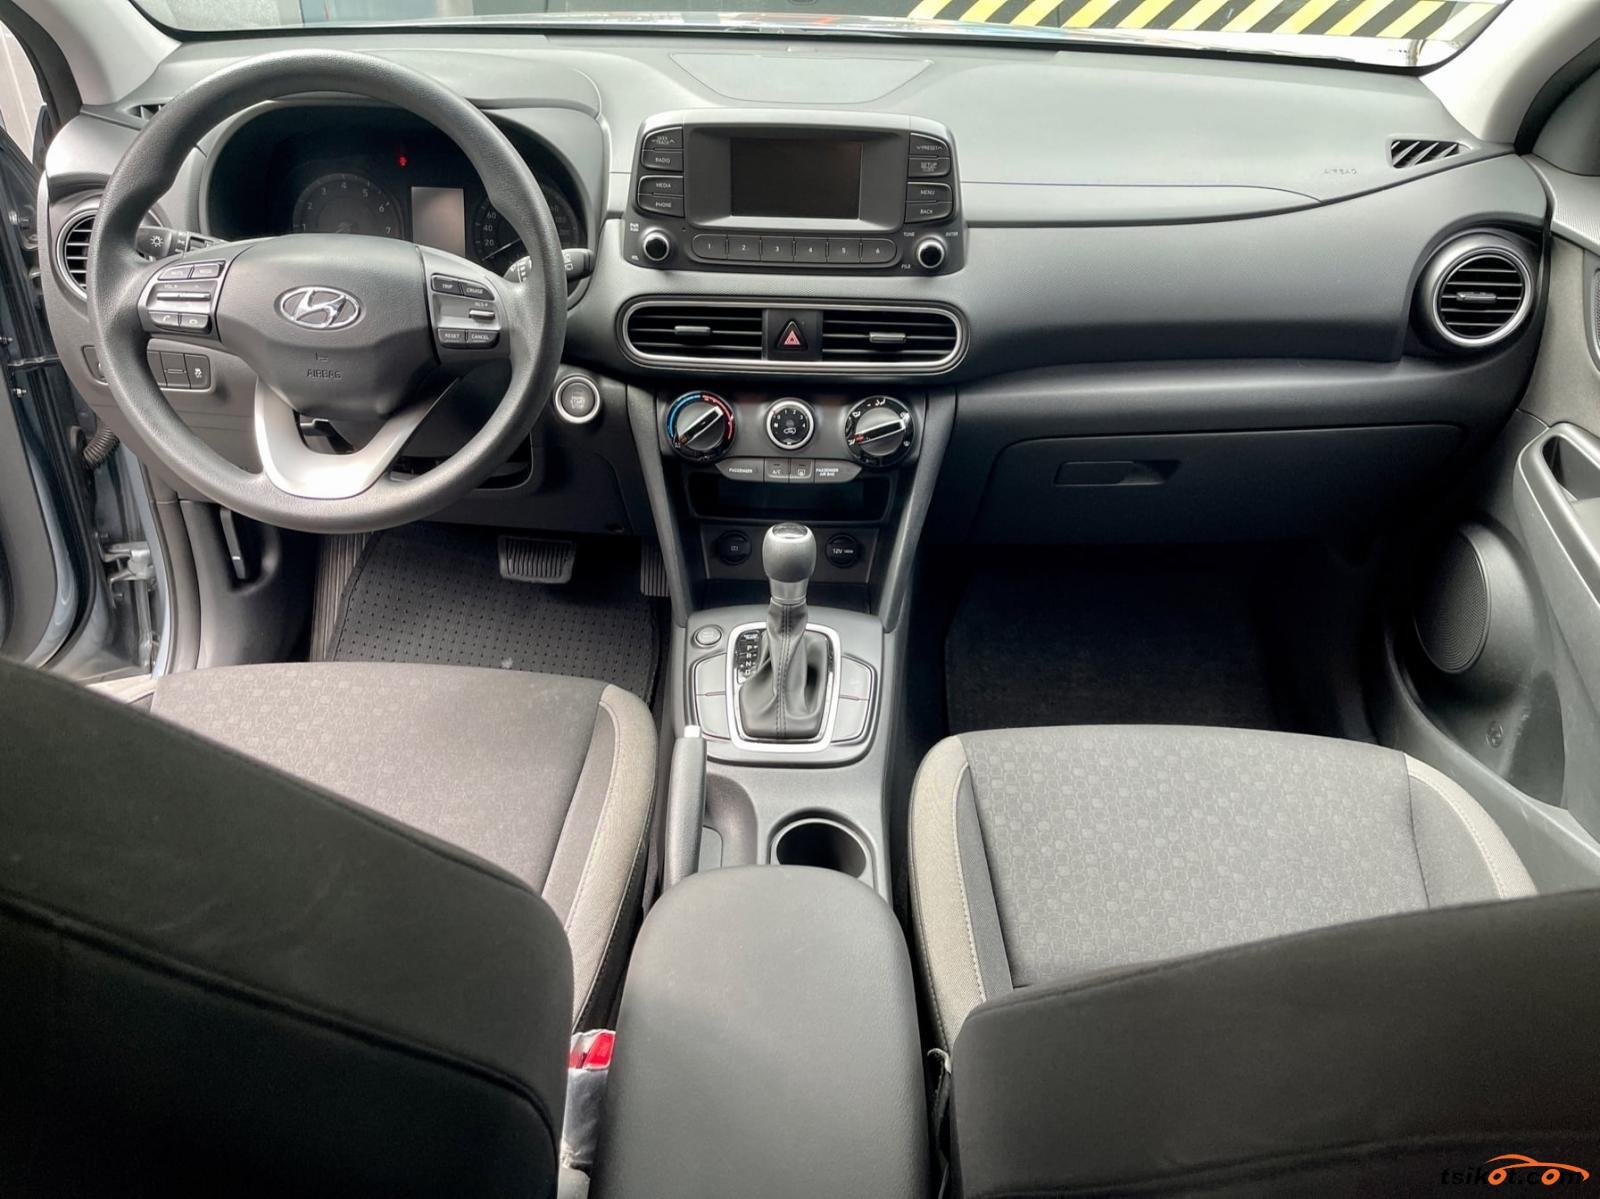 Hyundai Xg 350 2015 - 2